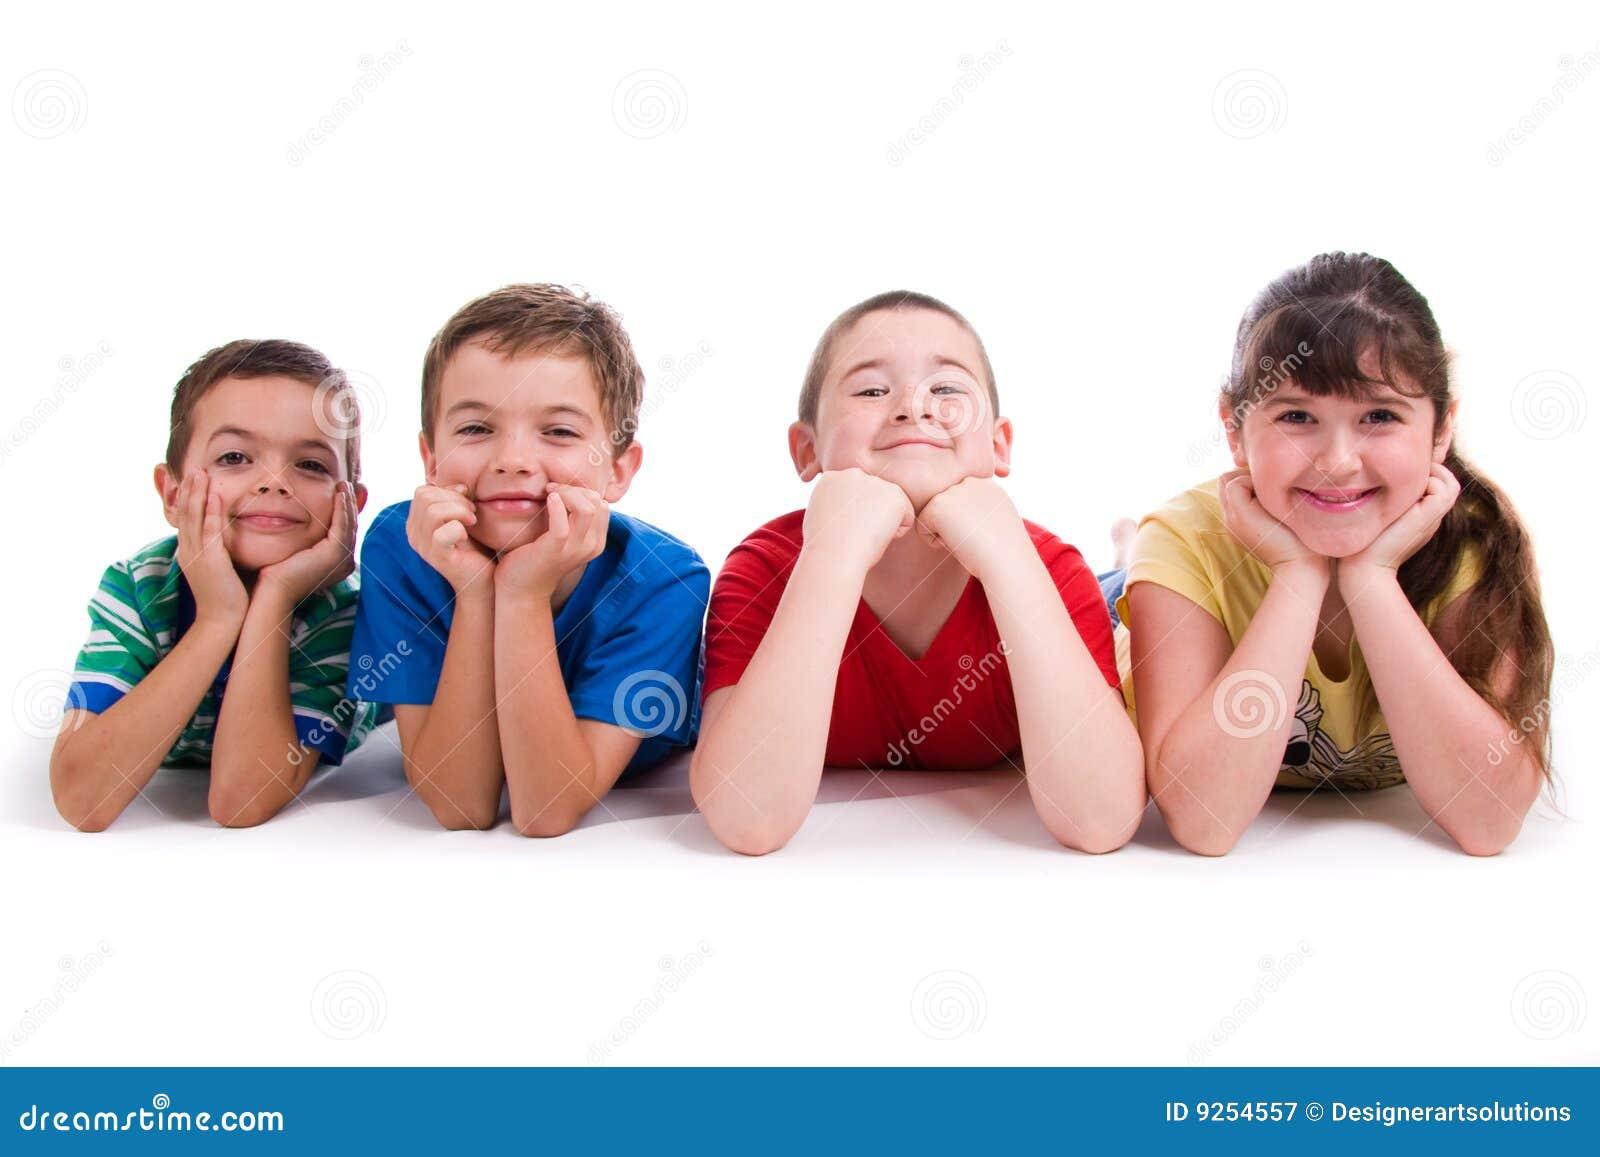 Retrato de quatro crianças